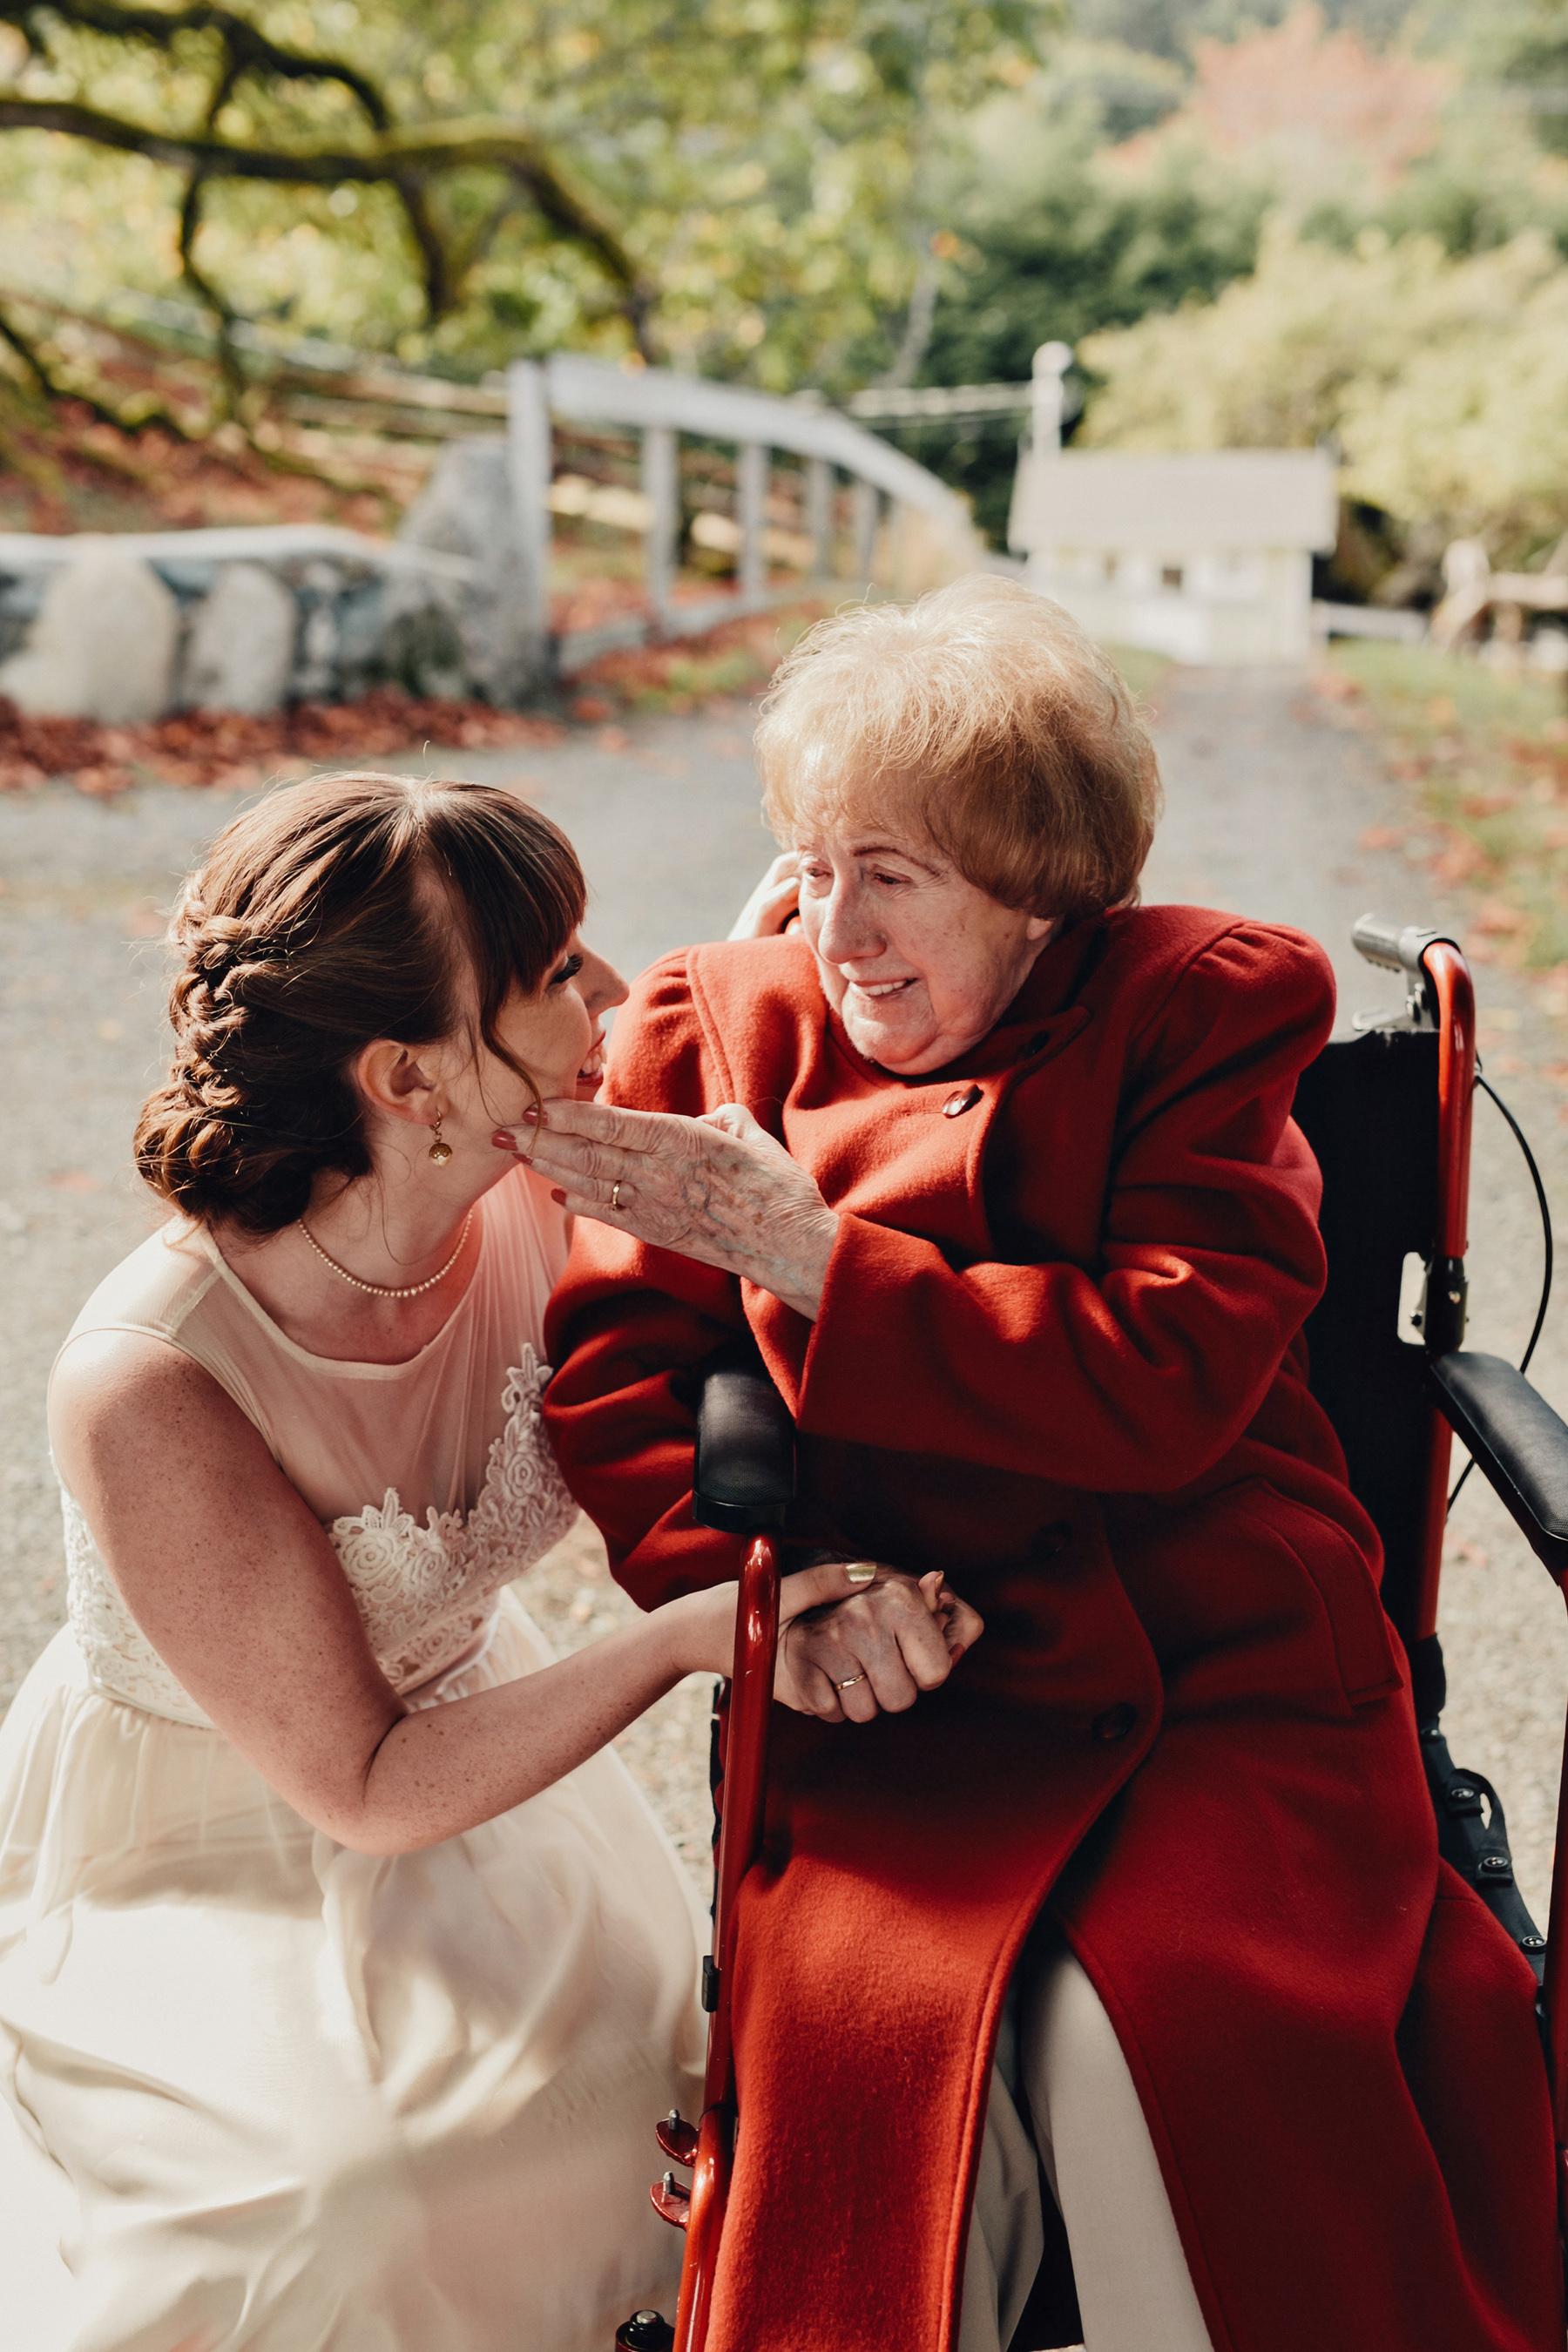 Glenrosa-Farms-Wedding-Photos-0213.jpg